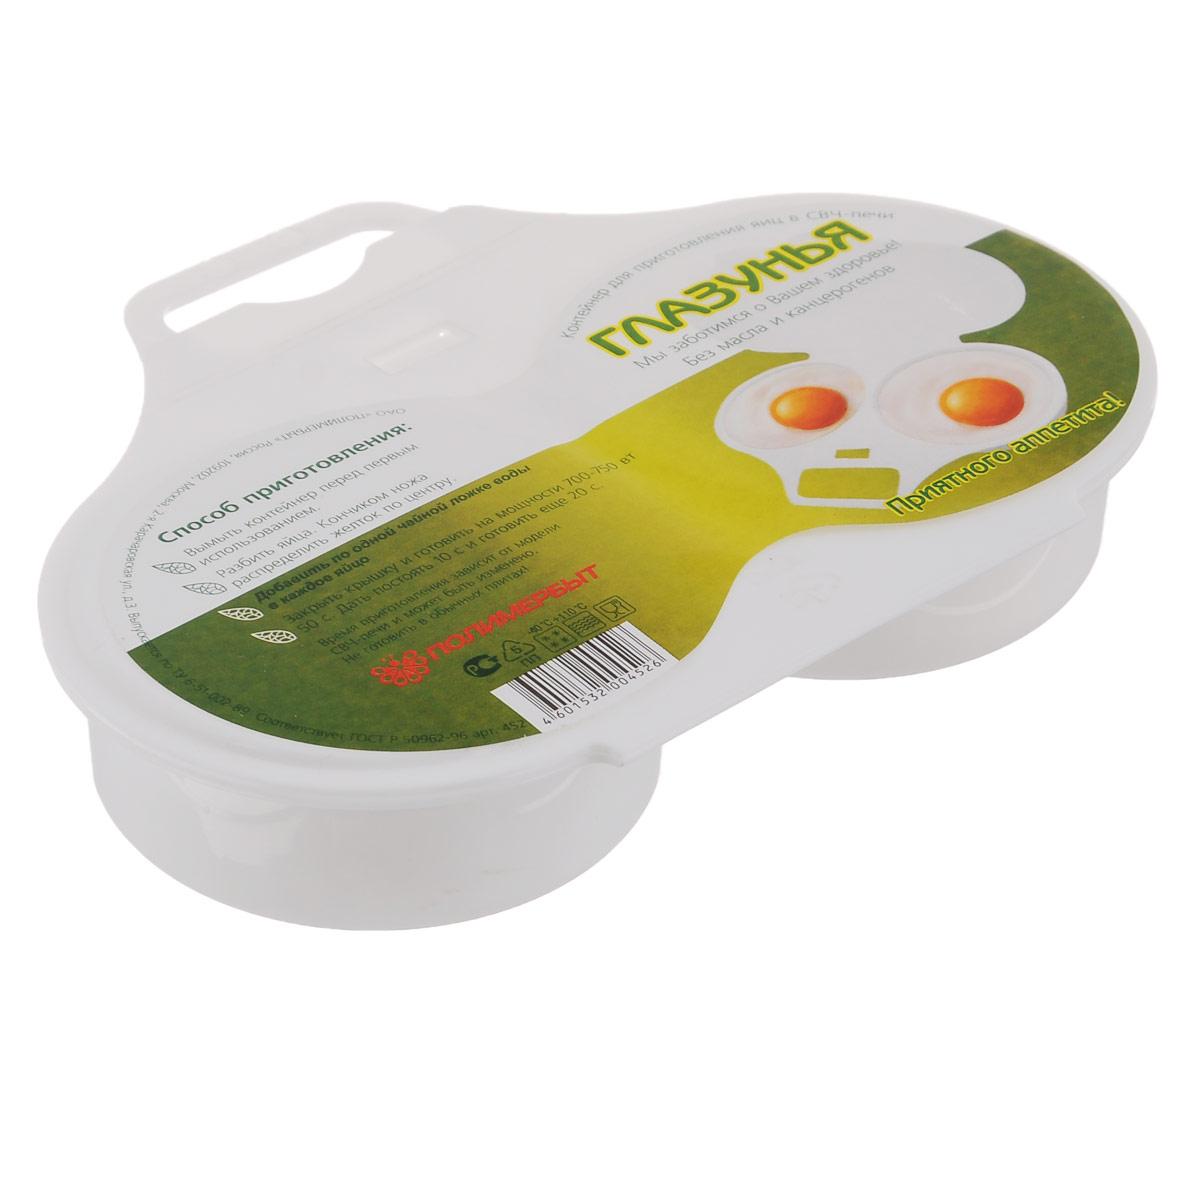 """Контейнер Полимербыт """"Глазунья"""", изготовленный из пластика, поможет вам приготовить яйца  без масла и канцерогенов. Благодаря этому контейнеру, вы потратите гораздо меньше  времени на приготовление яичницы из двух яиц, по сравнению с традиционным приготовлением.  Время приготовления яиц зависти от модели СВЧ-печи. Размер: 16 см х 2,5 см х 11,5 см. Диаметр отделения: 7 см."""